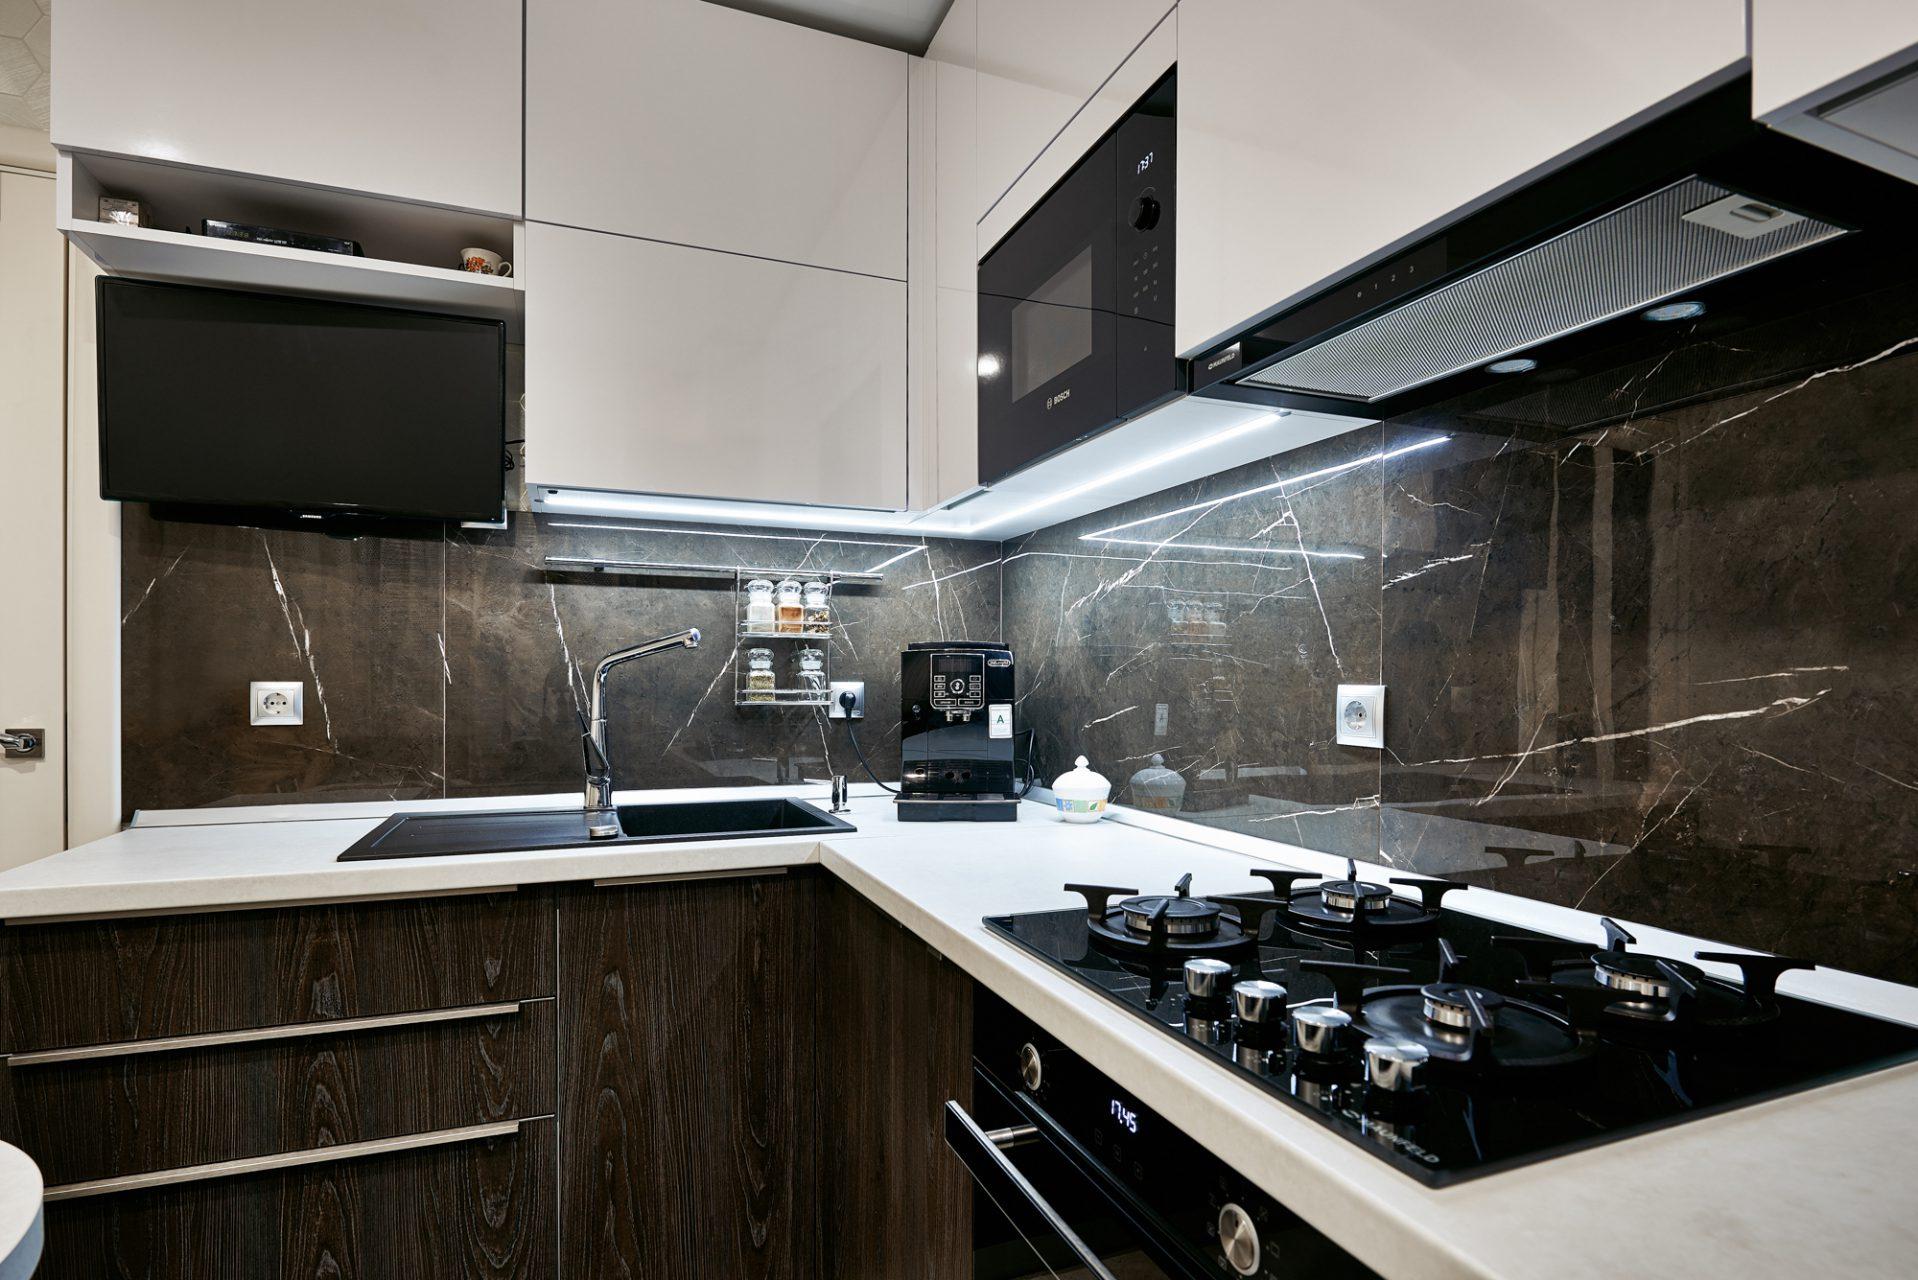 002_interior_kitchen4_korneychikeu